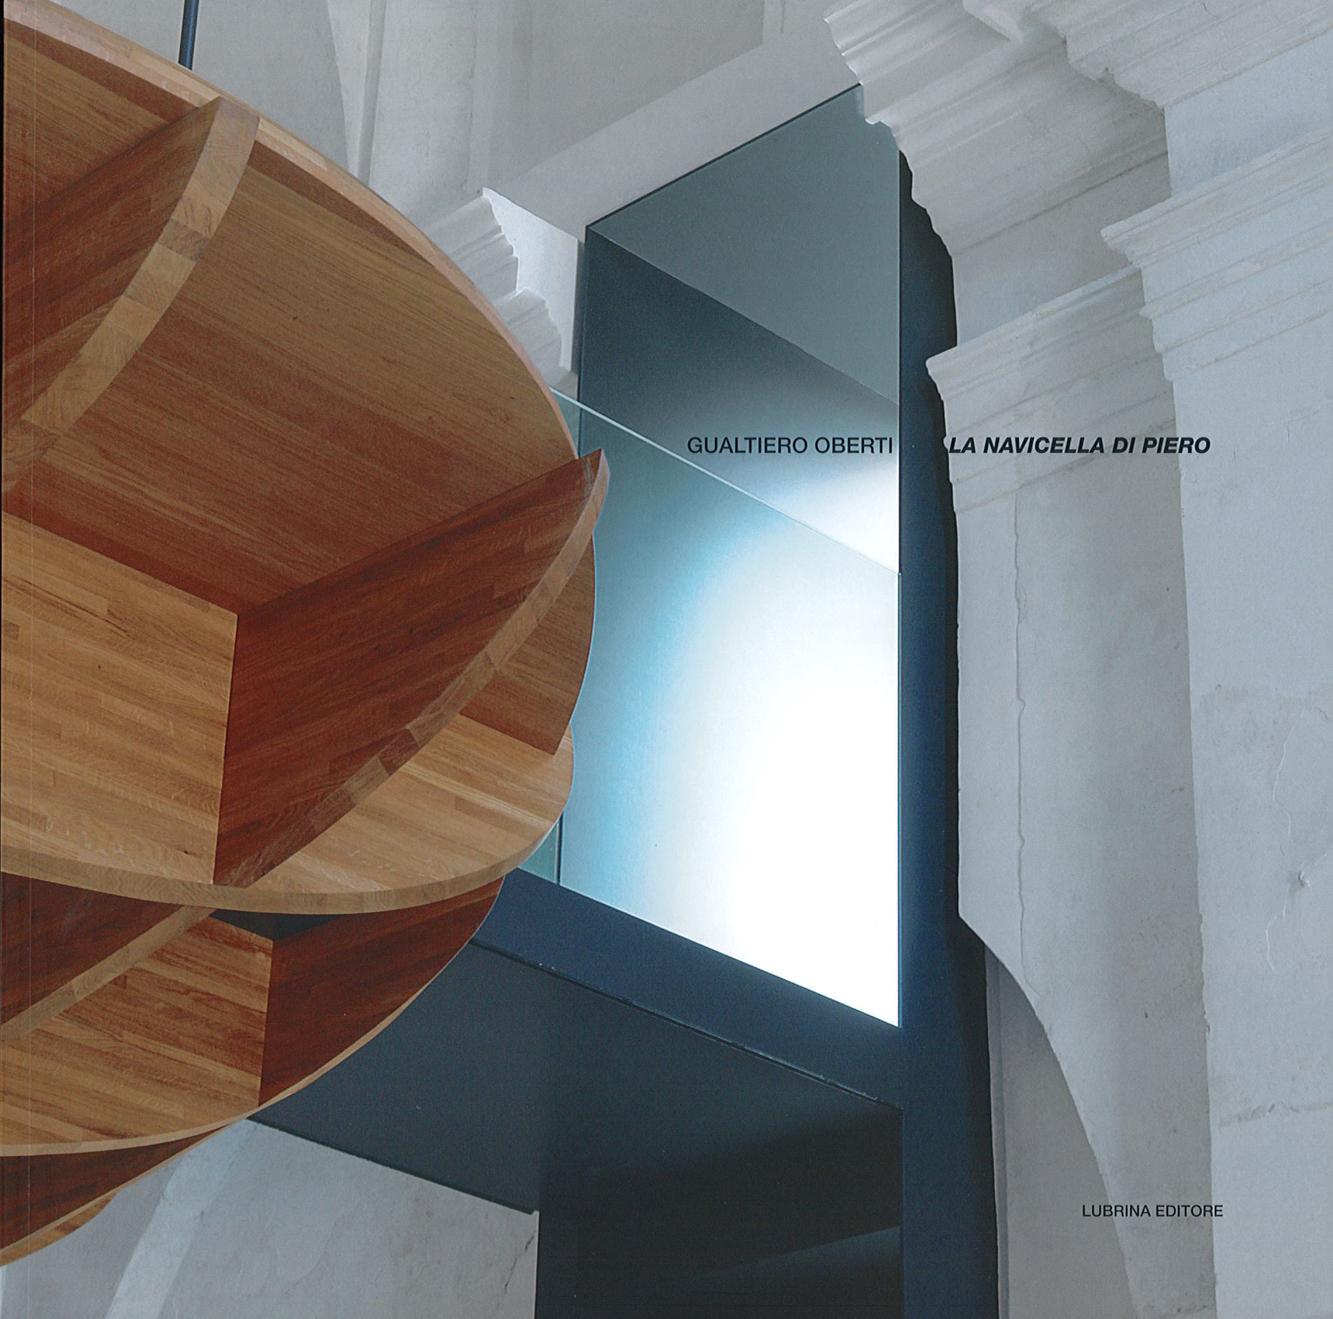 Pubblicazioni - La Navicella di Piero - oberti+oberti   architetti